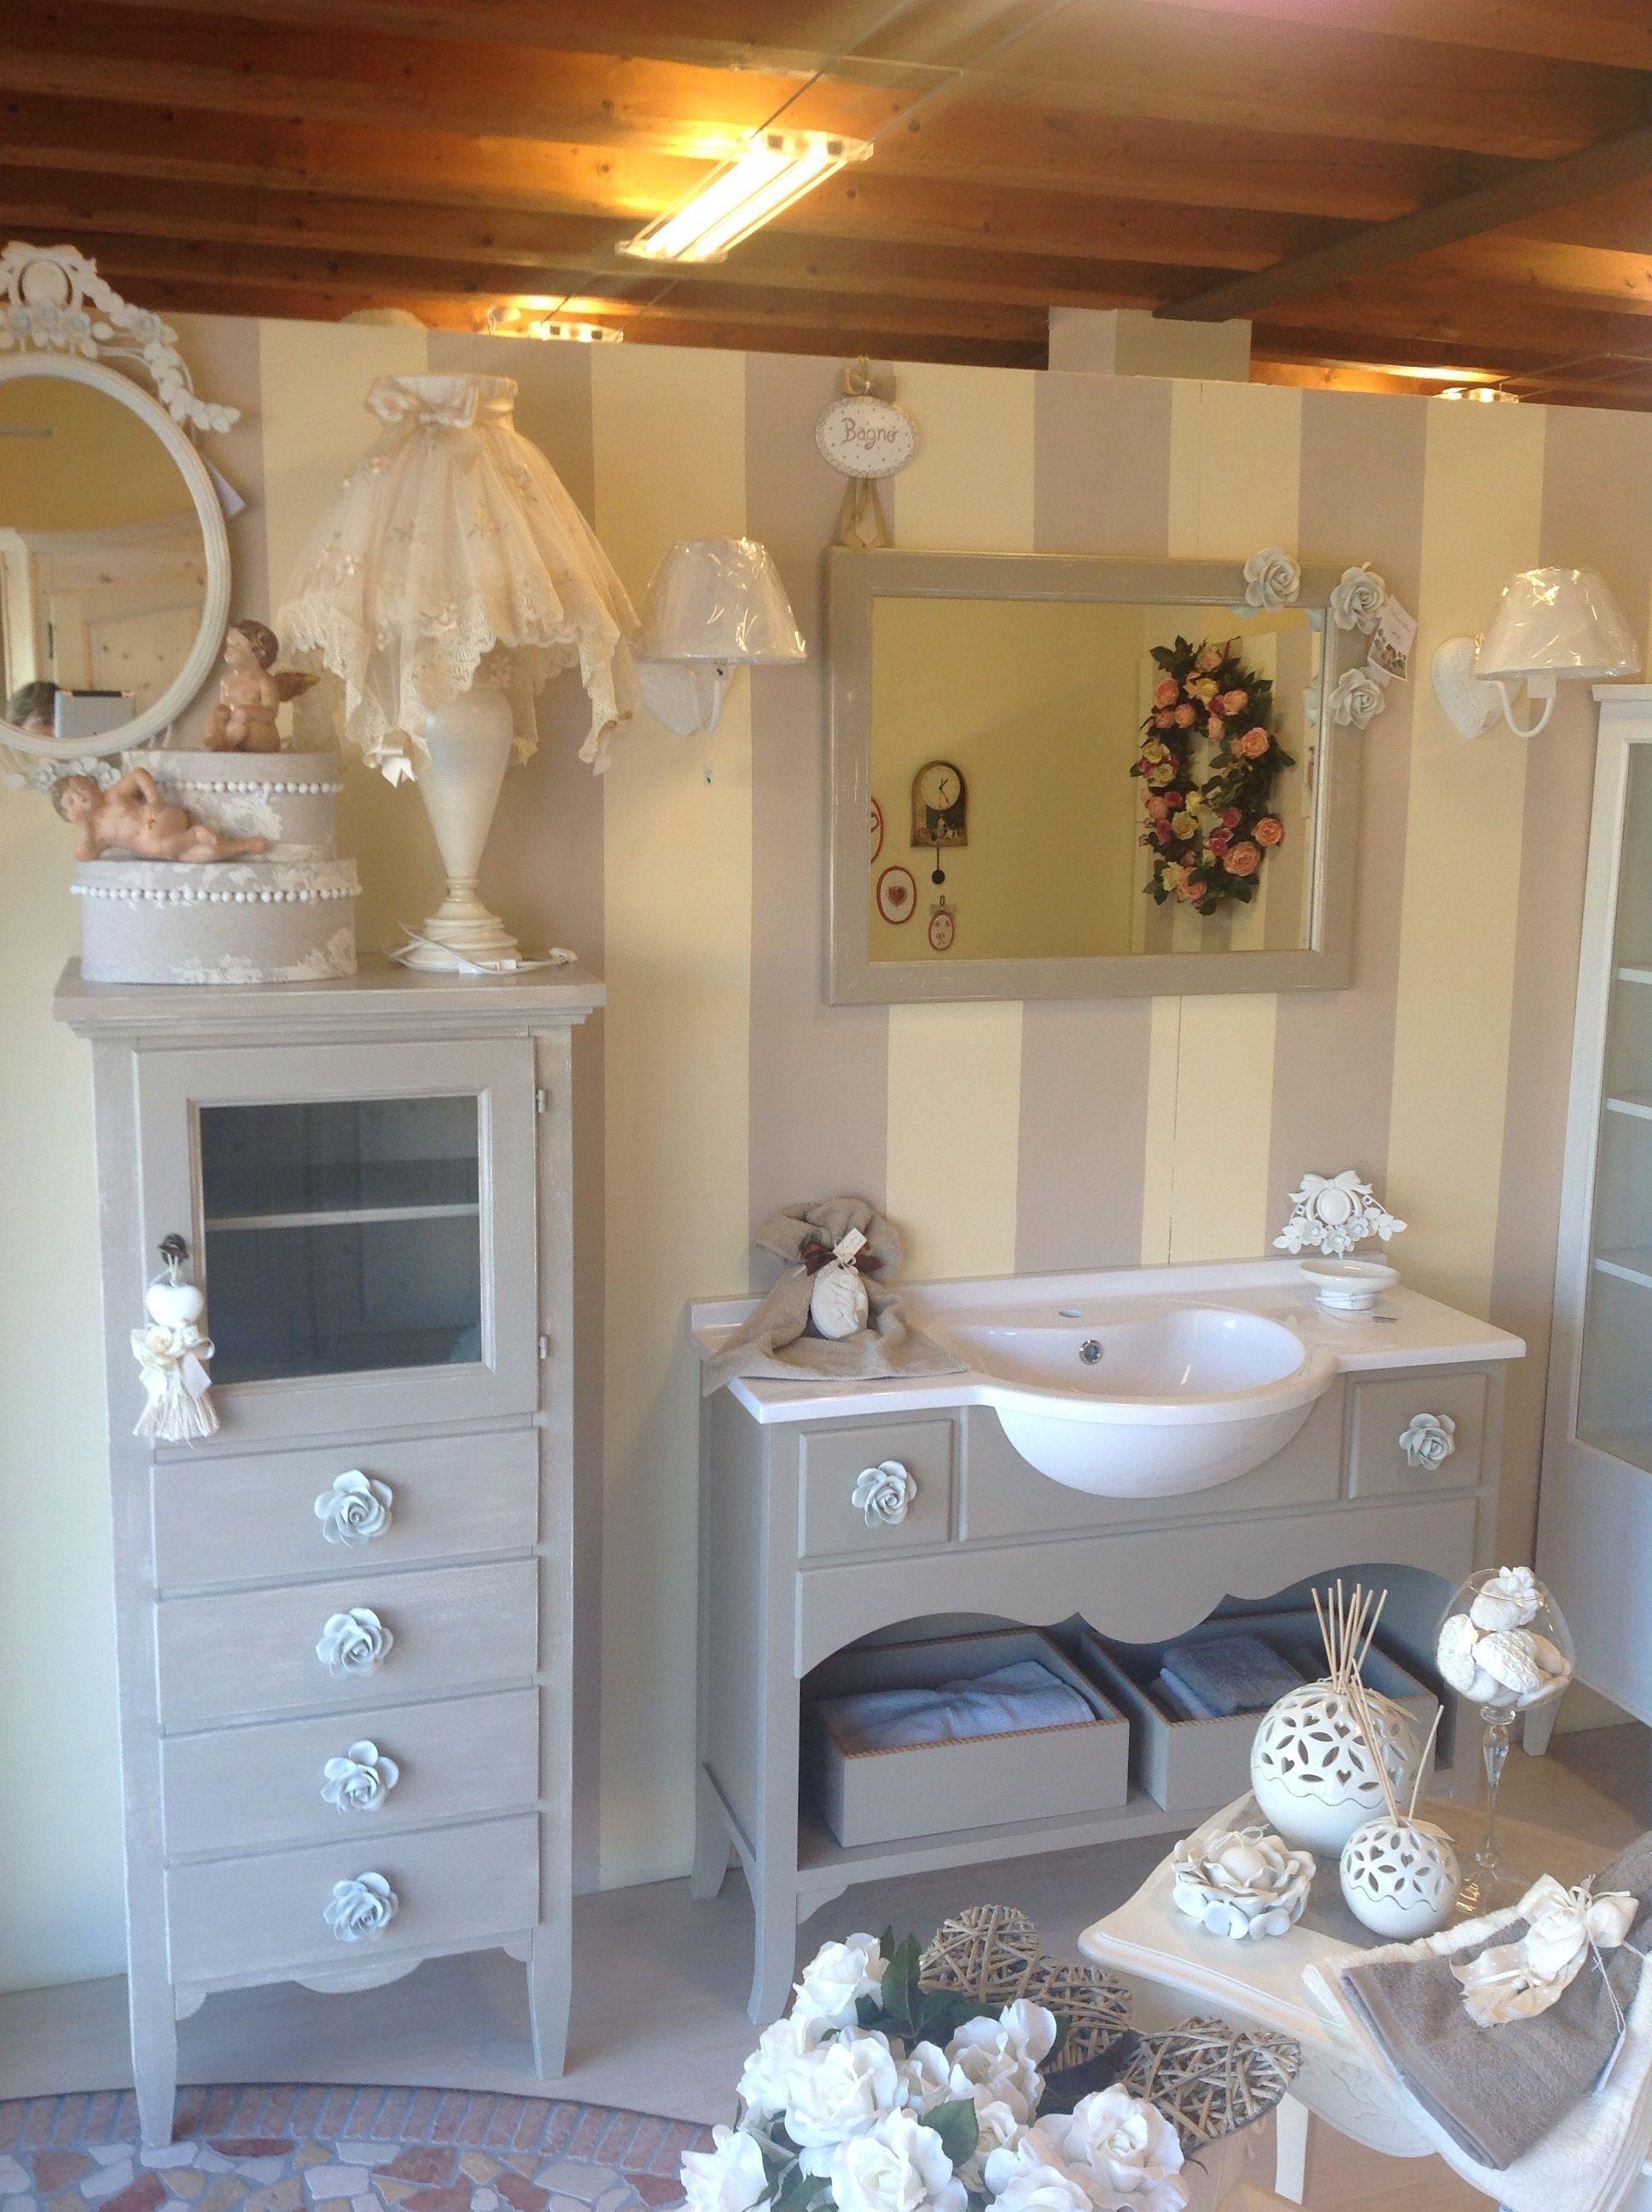 Bagno stile provenzale case stile provenzale pinterest - Bagno stile provenzale ...